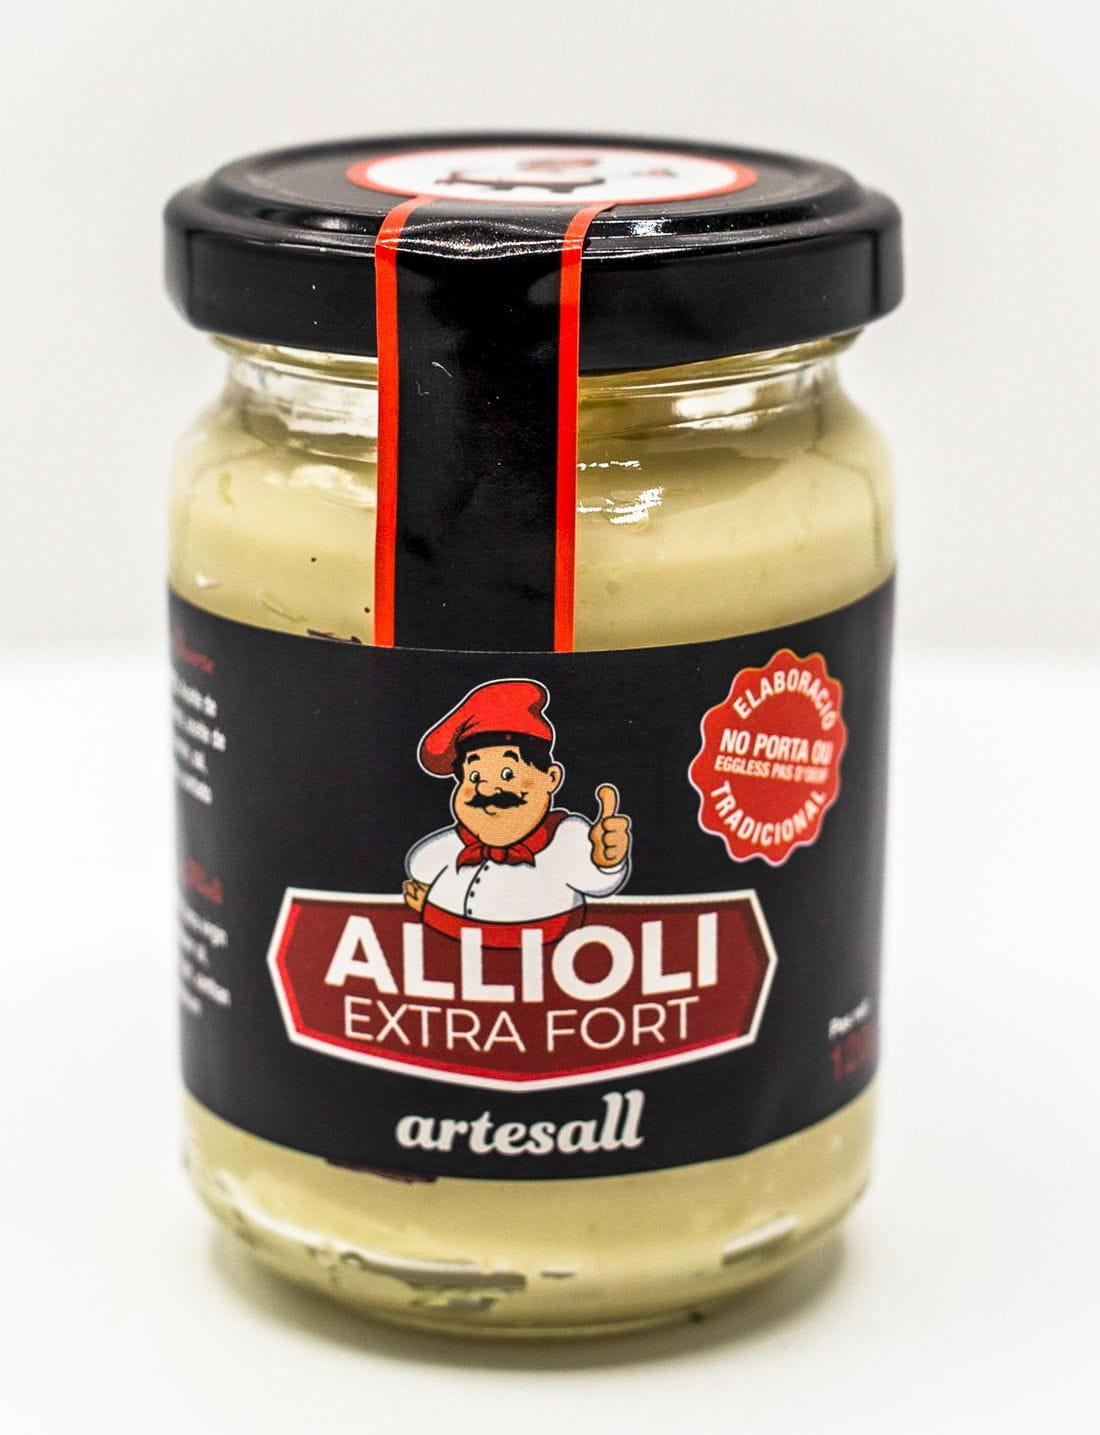 Allioli Extra Fort.